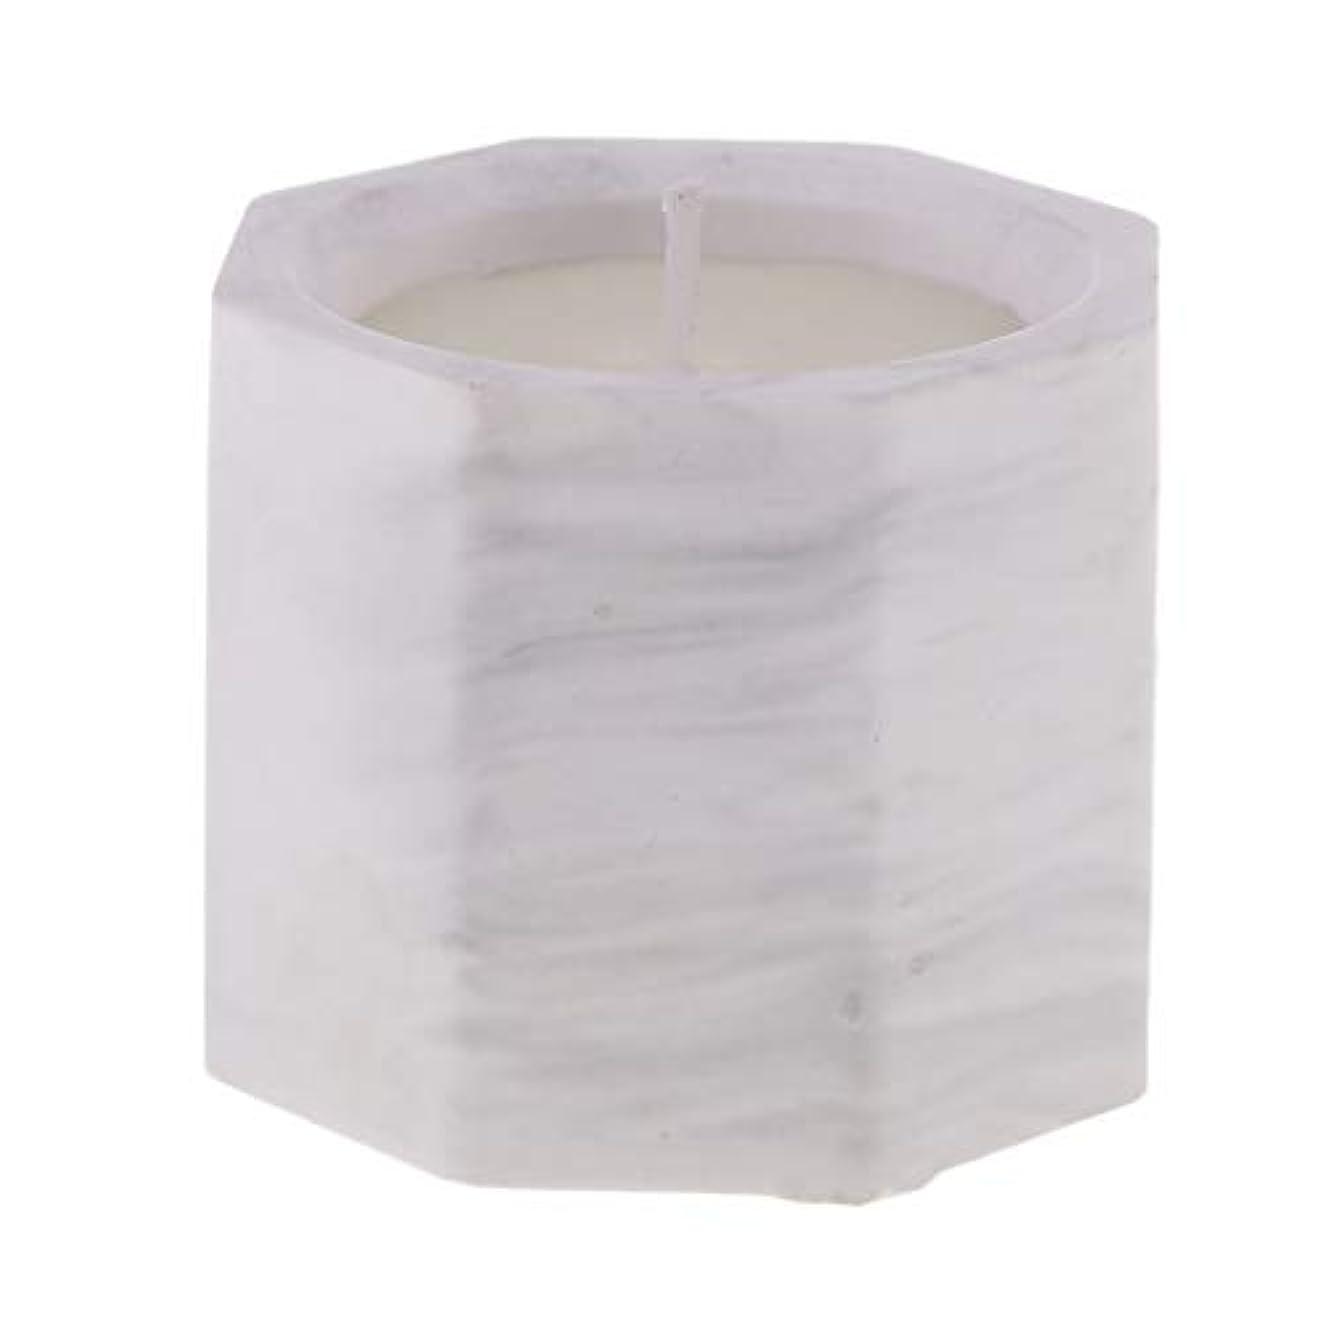 学習者亡命コアD DOLITY アロマキャンドル オクタゴン形 香りキャンドル 友人用 誕生日用 家族用 約58mm